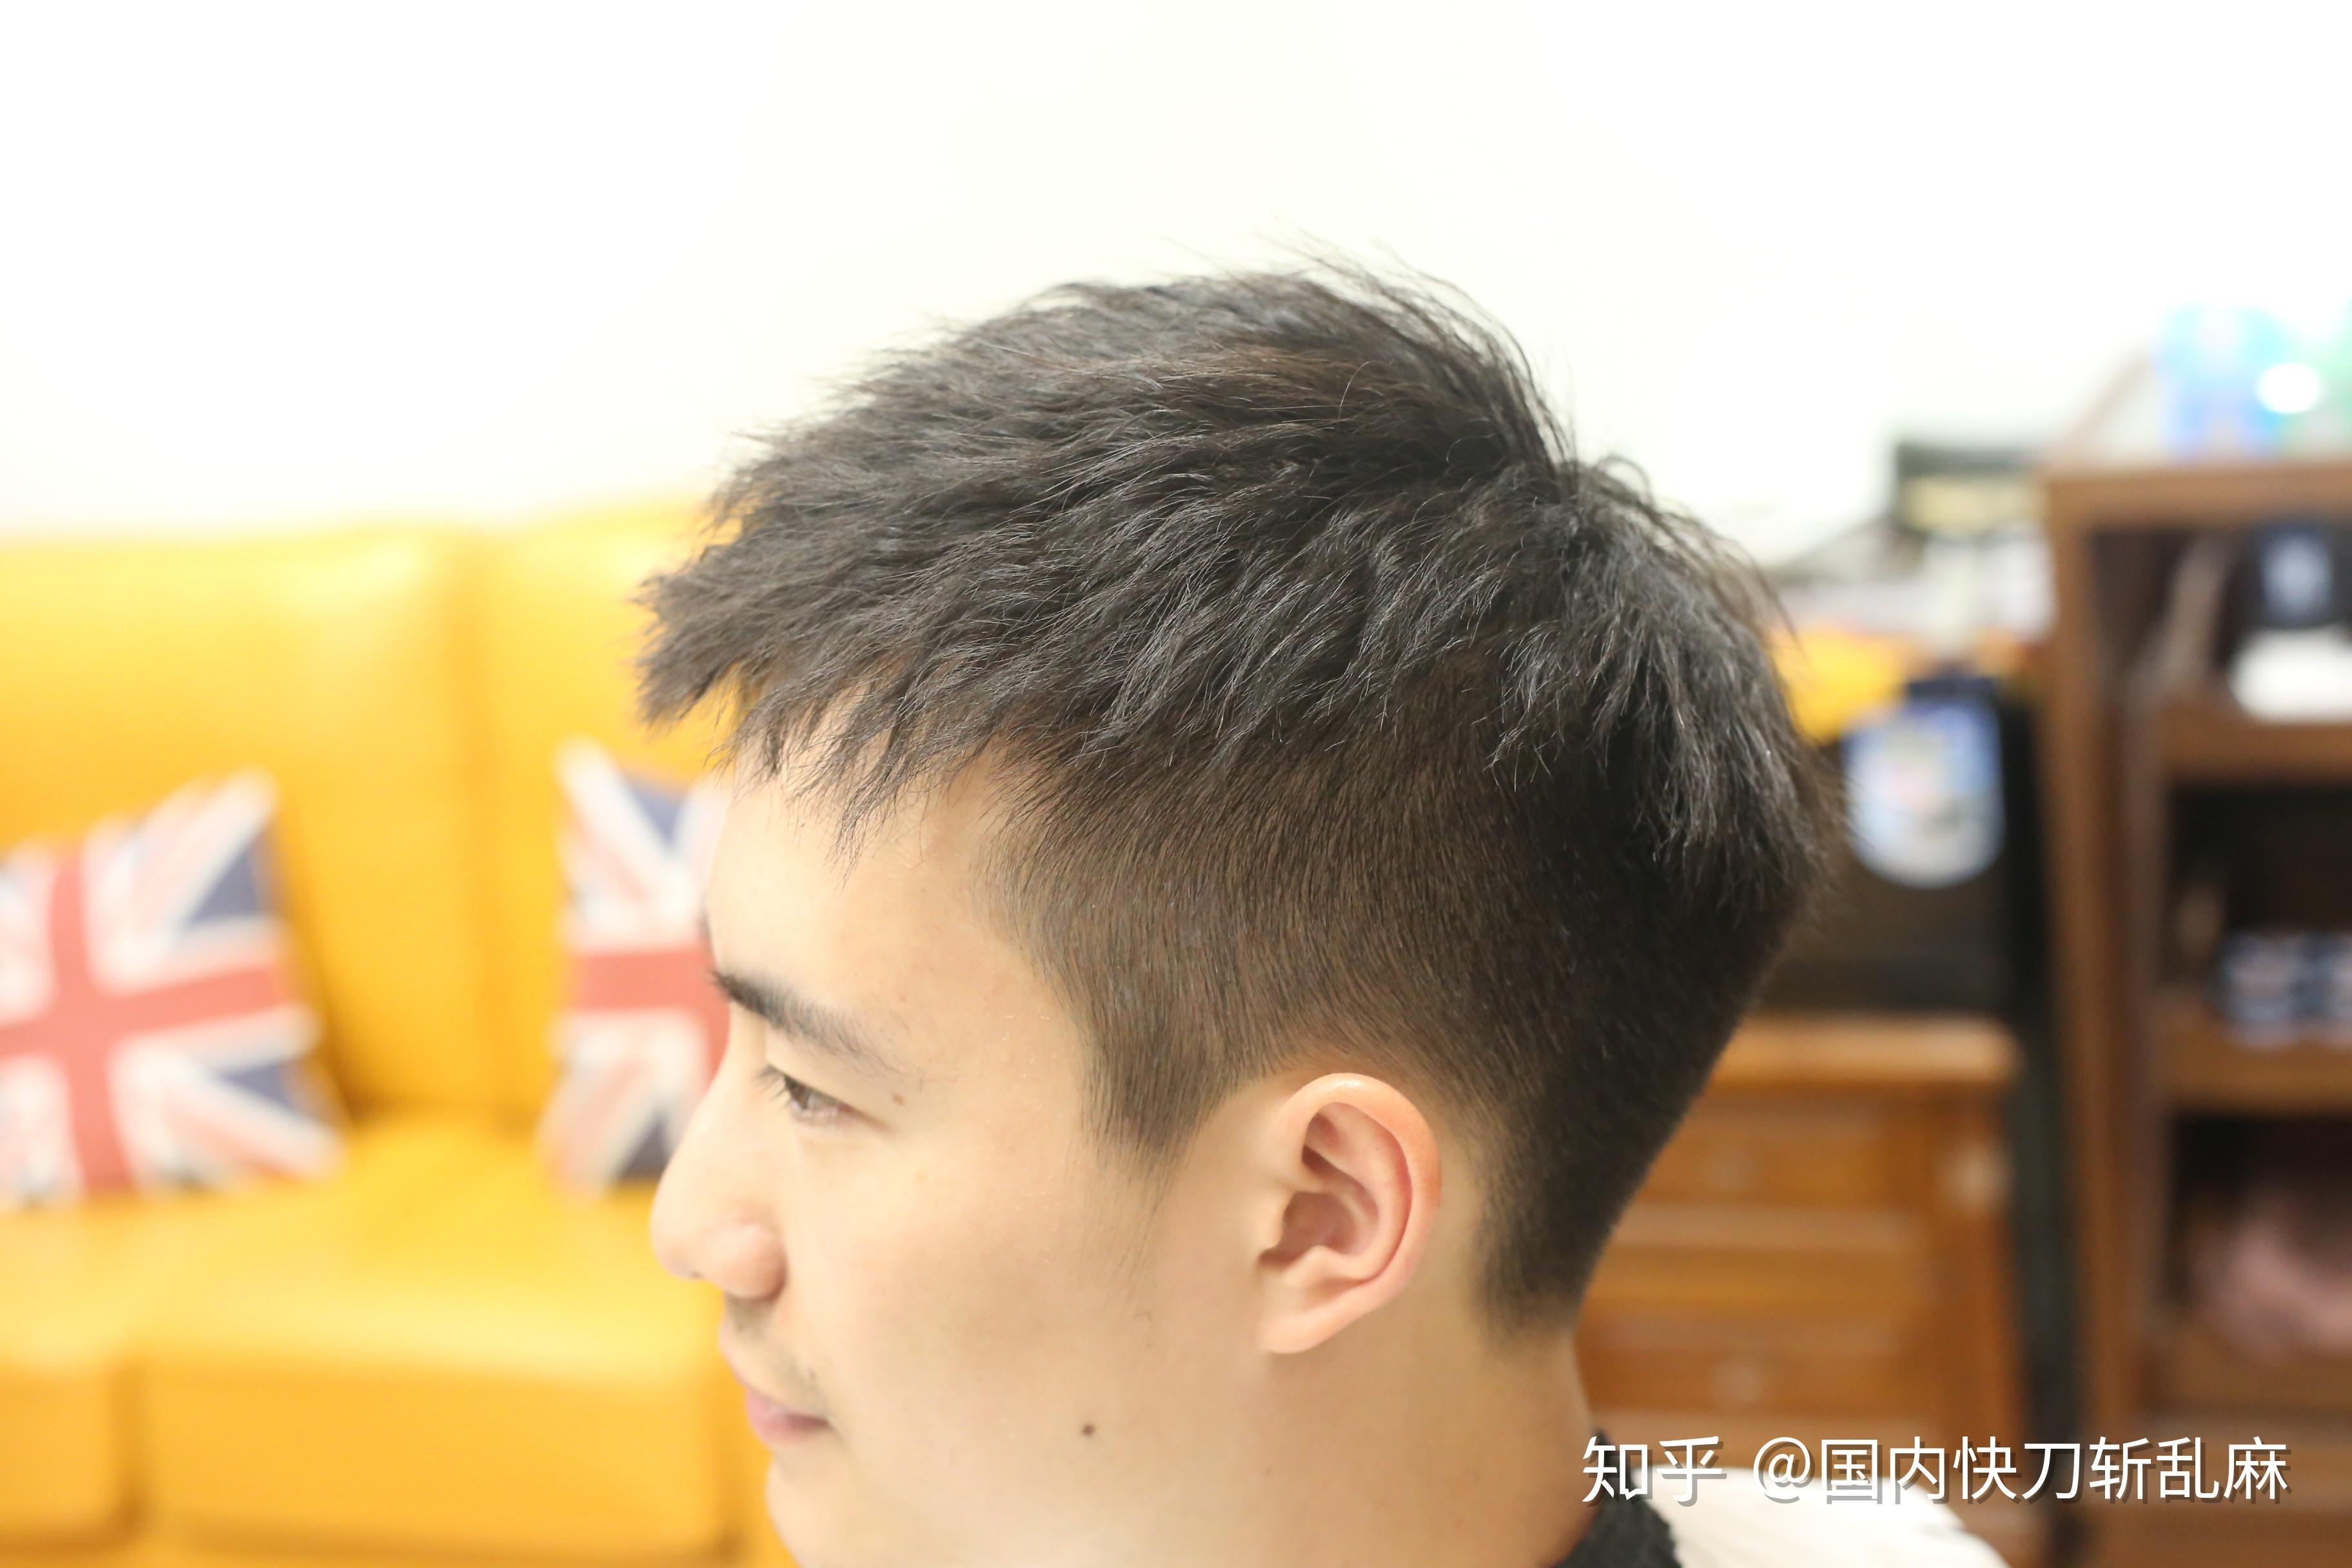 上海图片_2019男士发型流行 - 知乎